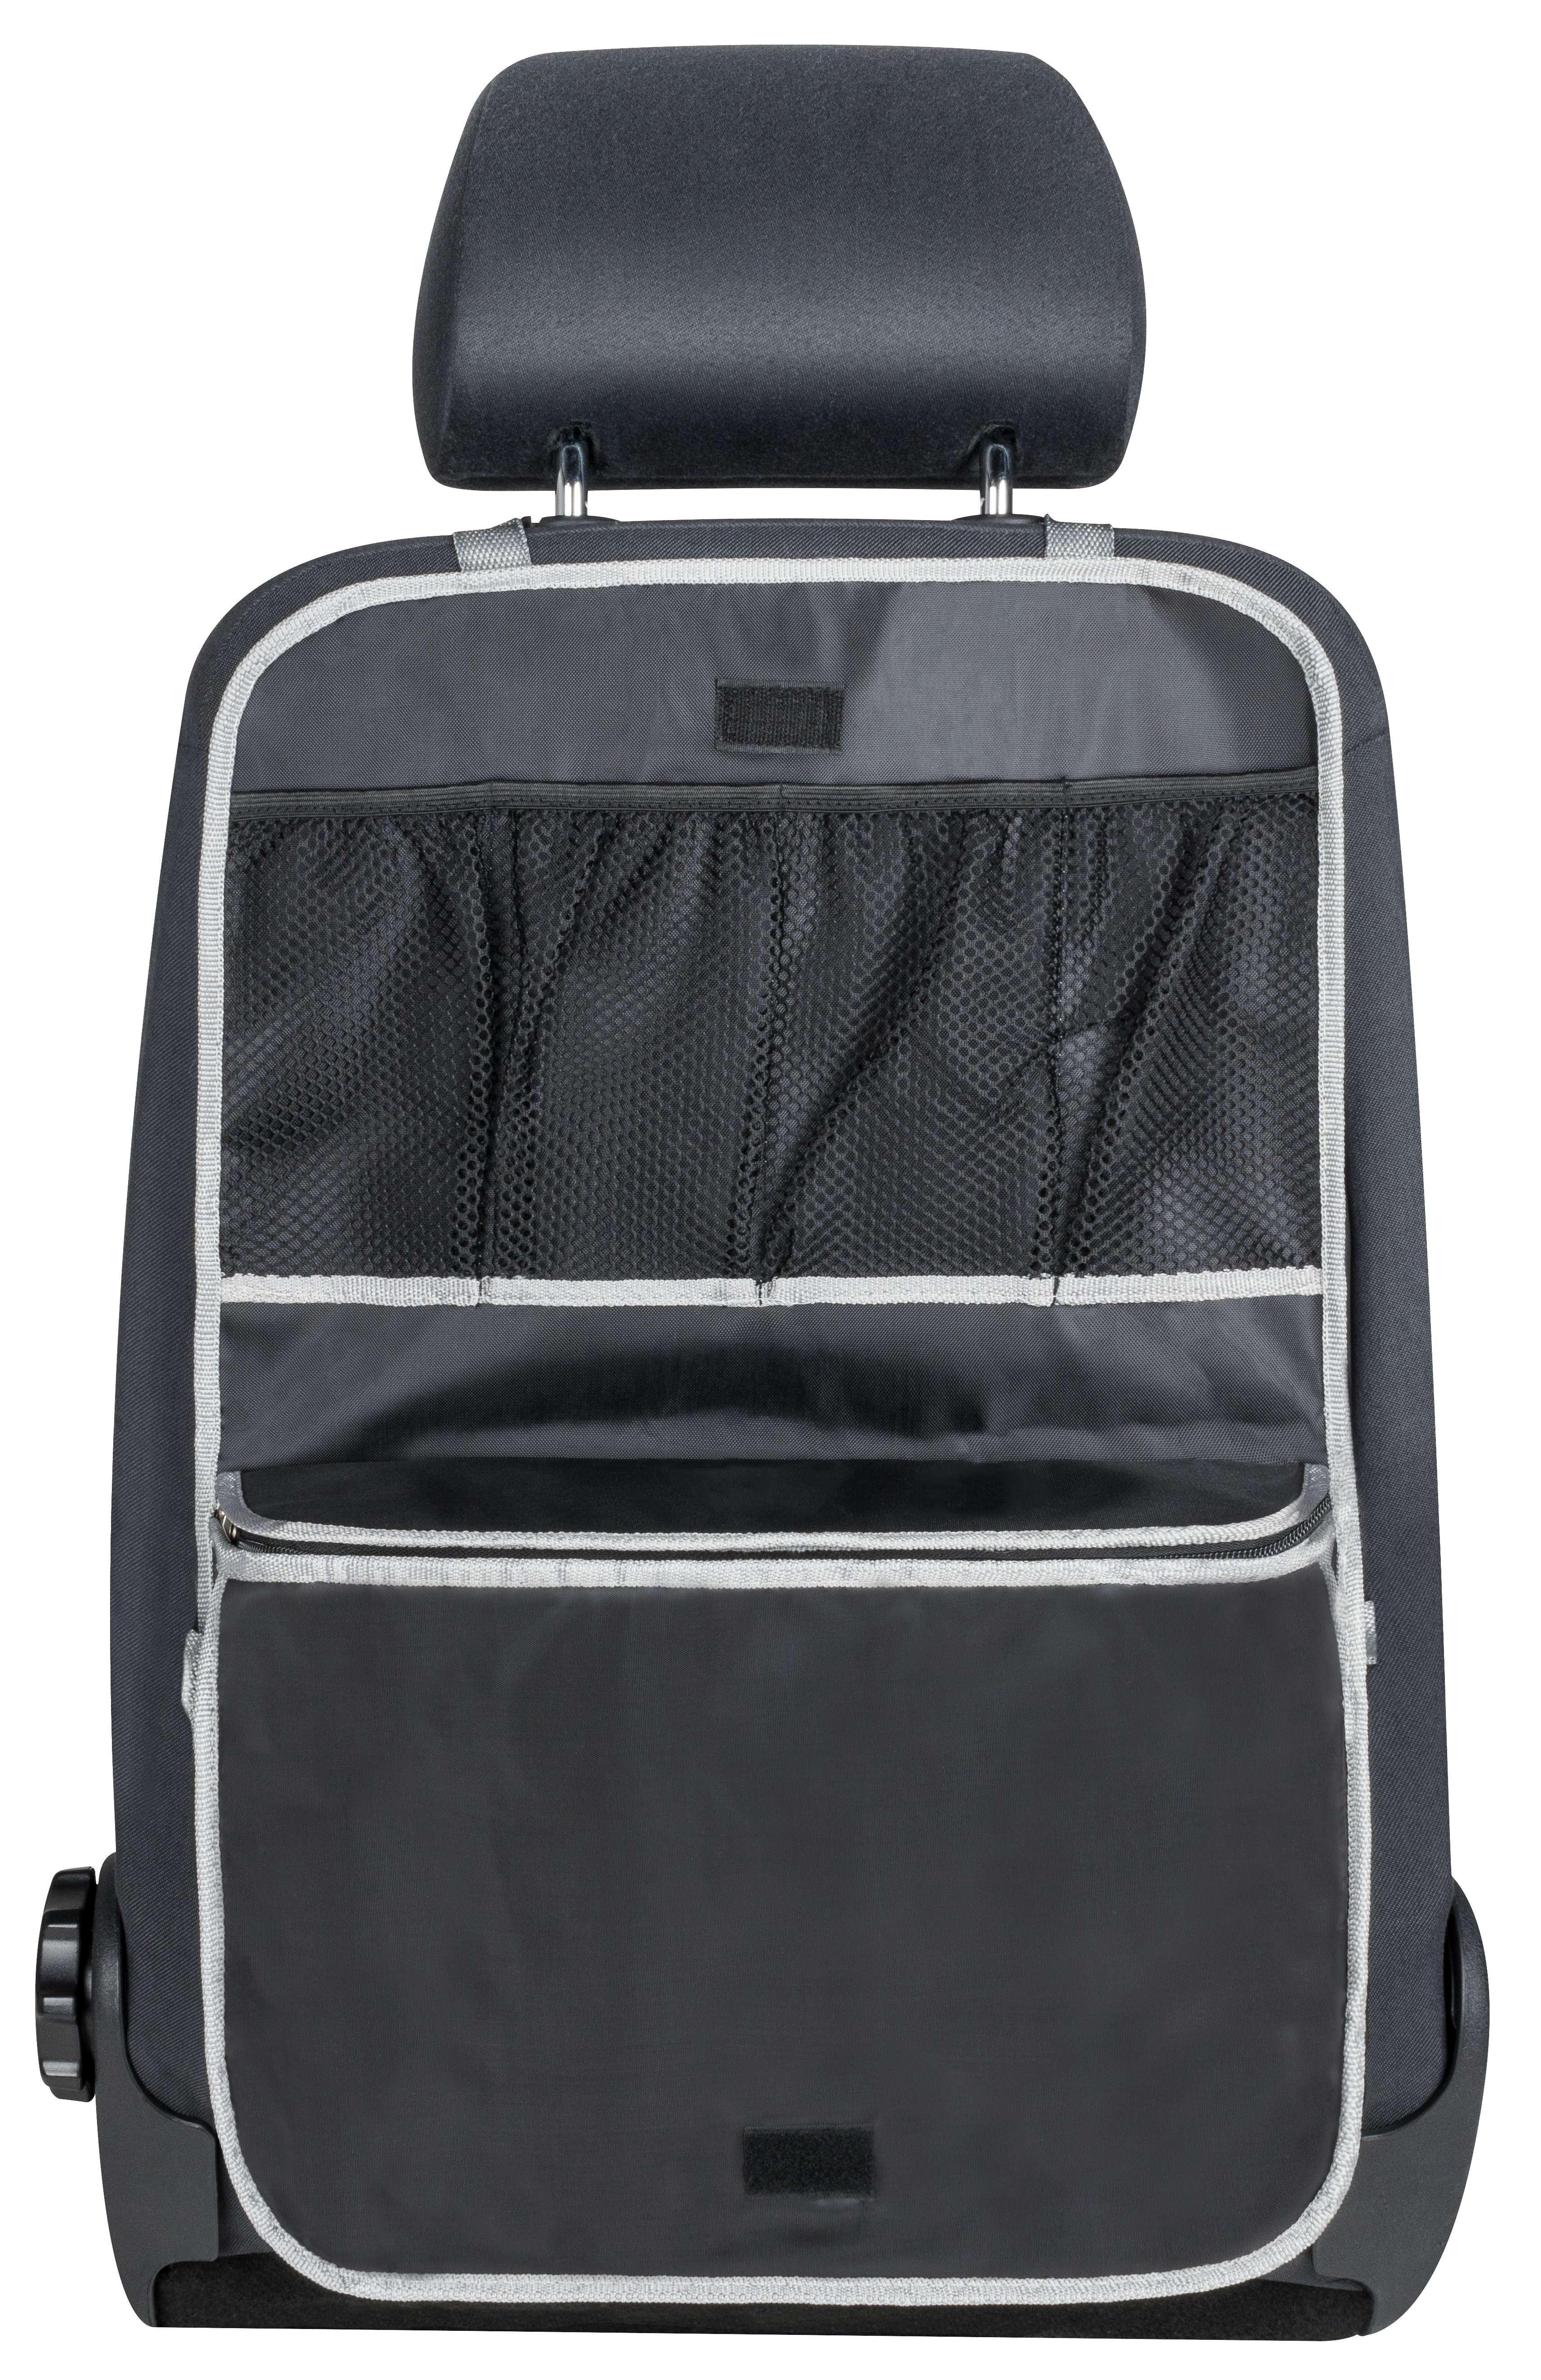 Kaufen Sie Kofferraum-Organizer 30099 zum Tiefstpreis!